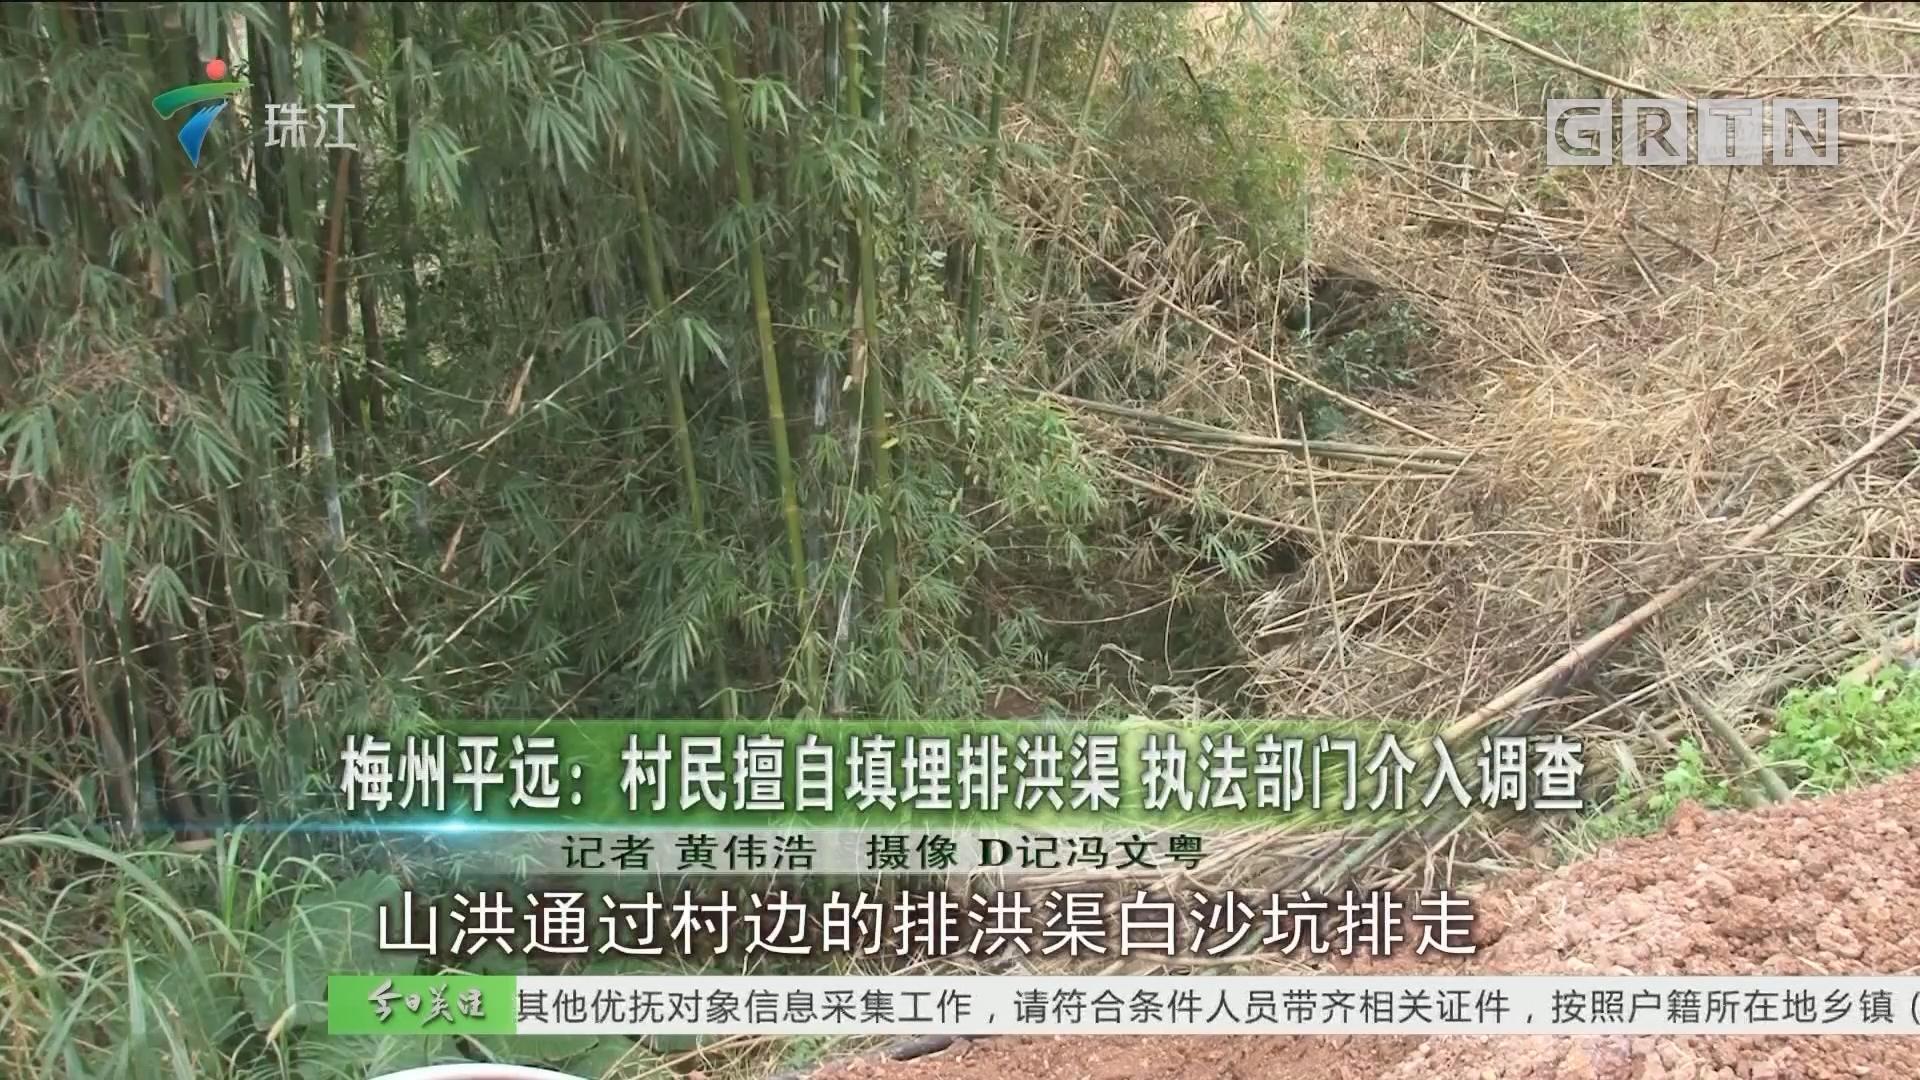 梅州平远:村民擅自填埋排洪渠 执法部门介入调查